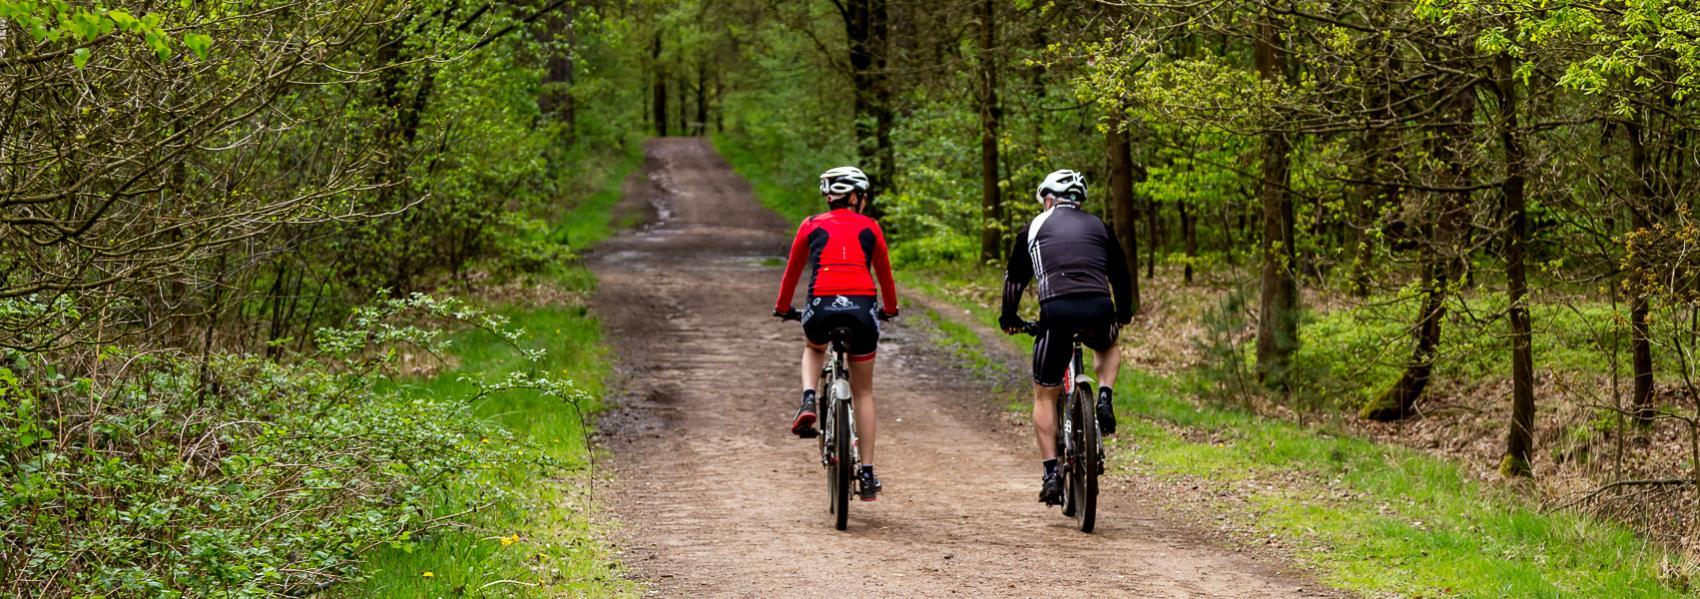 mountainbikers op het pad